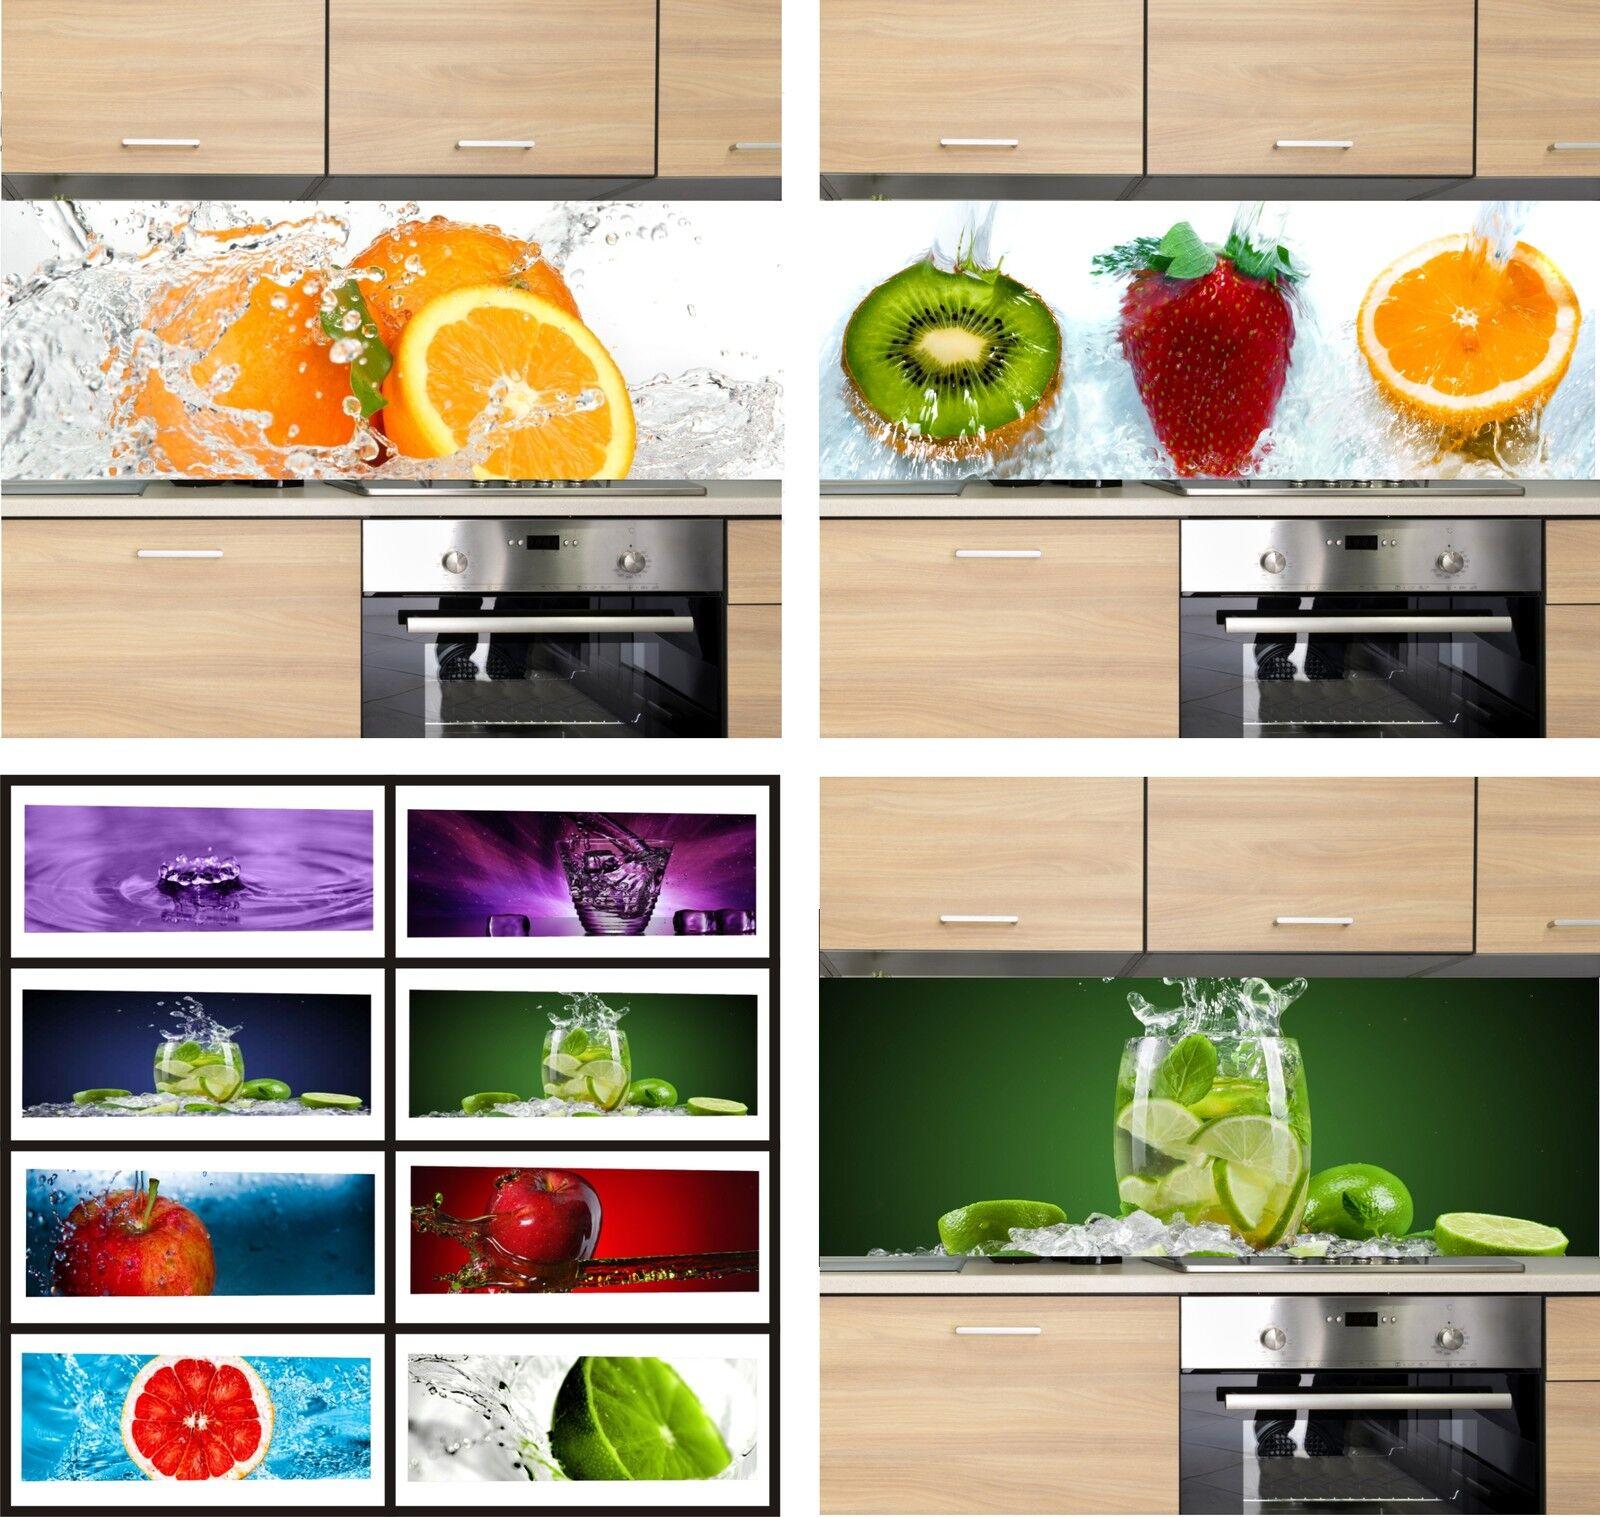 KÜCHENRÜCKWAND - 500 Motive - Spritzschutz Fliesenspiegel Küche Herd Acrylglas